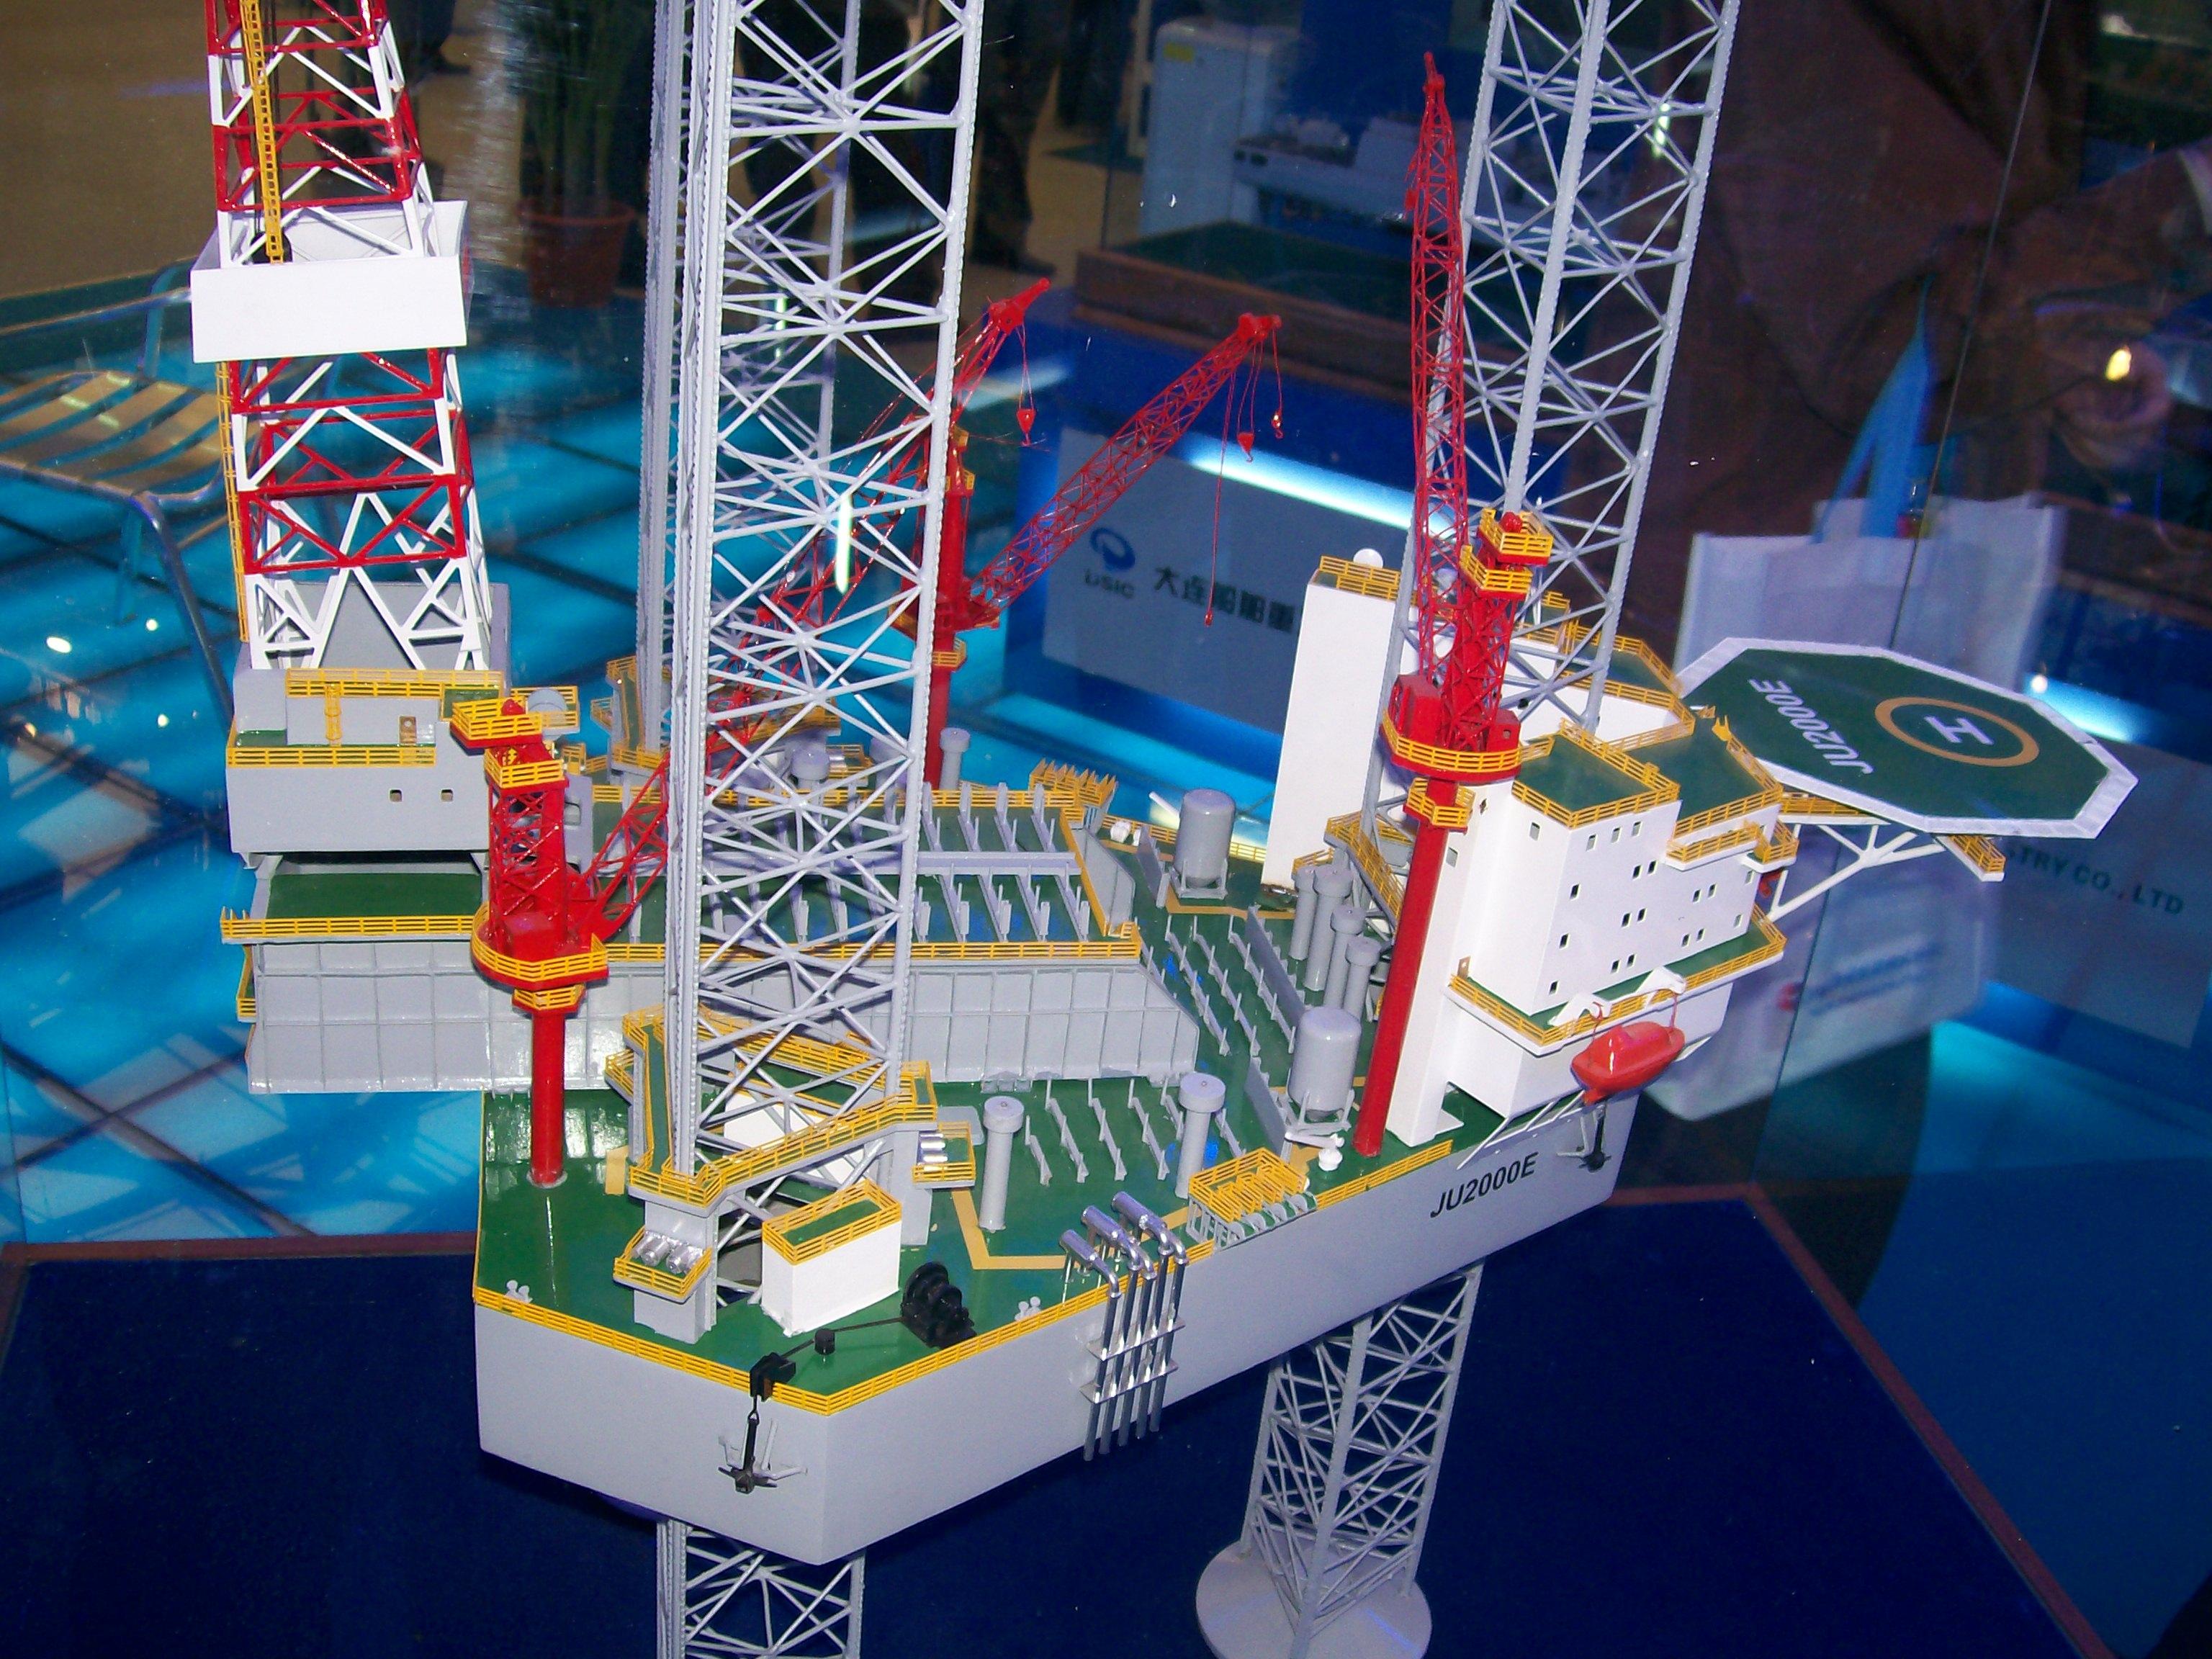 JU2000E升降式钻井平台.JPG